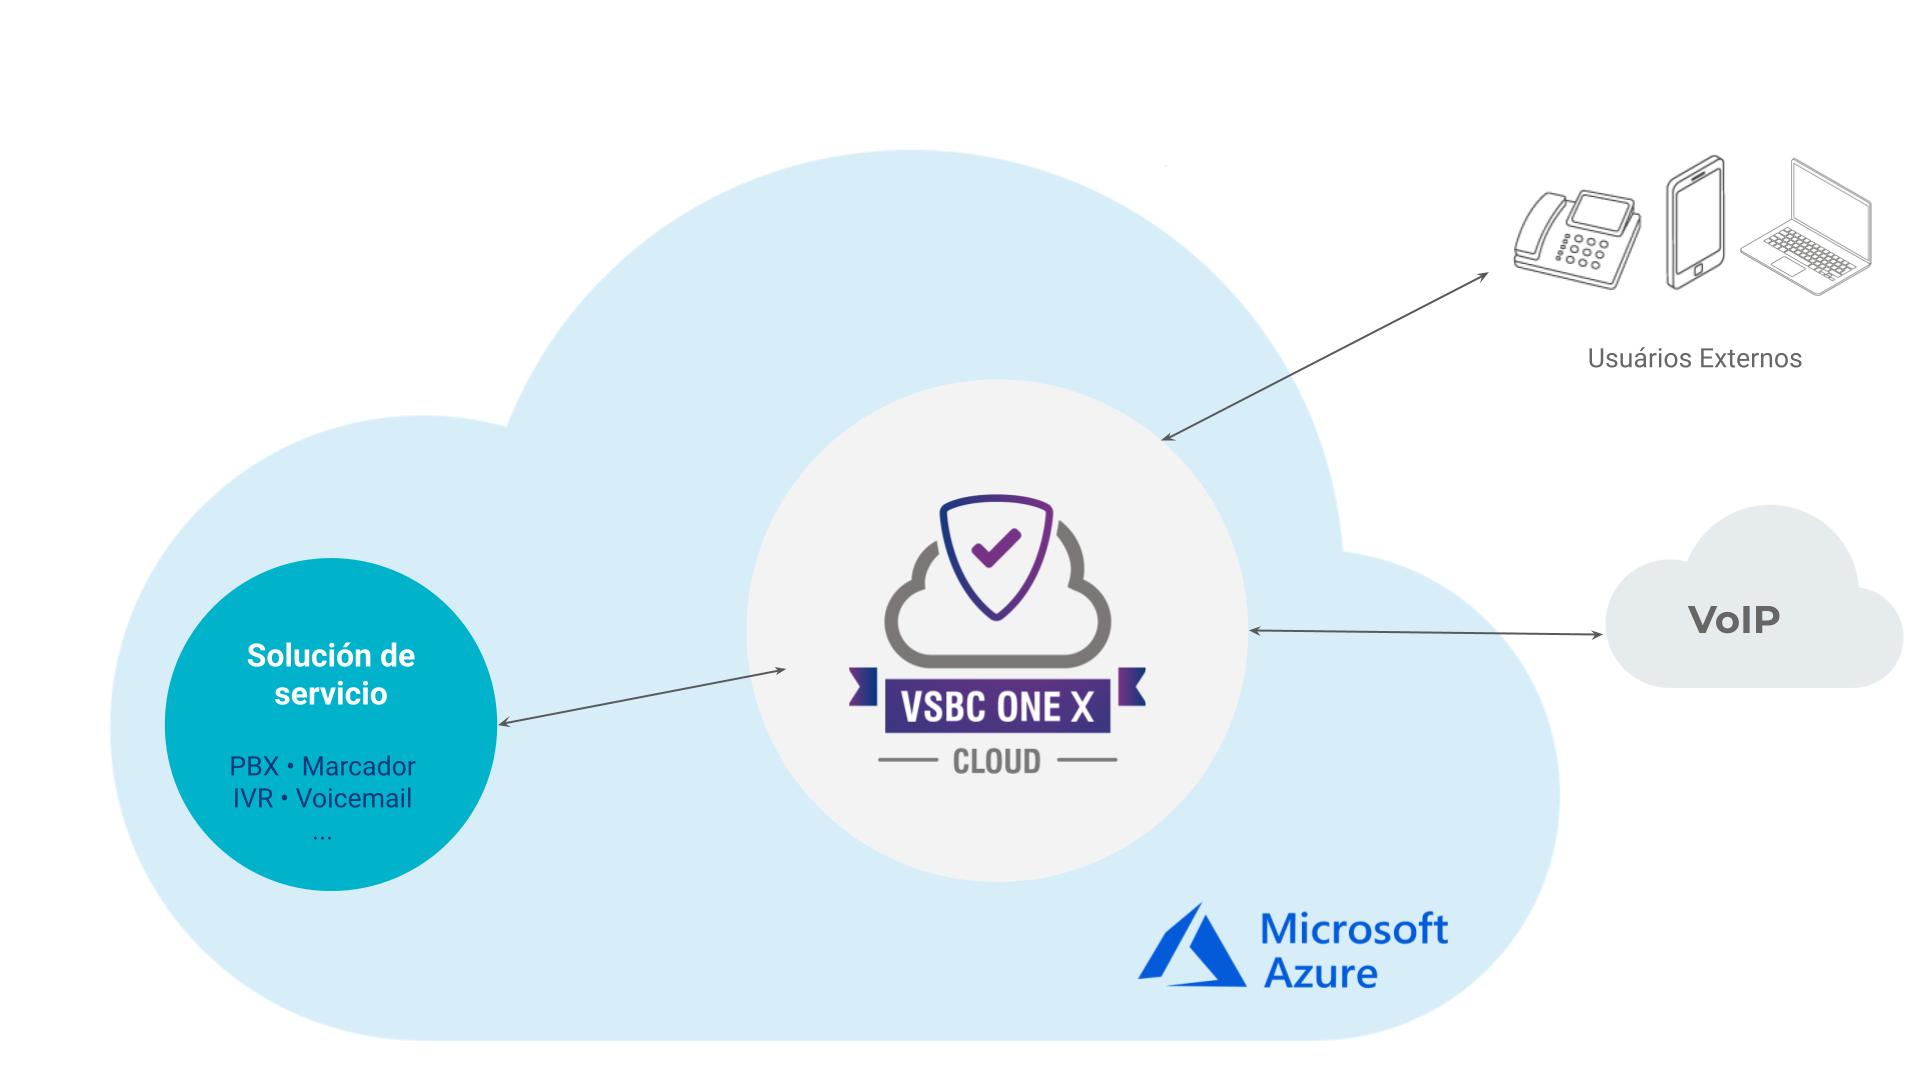 Modelo de aplicación - vSBC One X Cloud